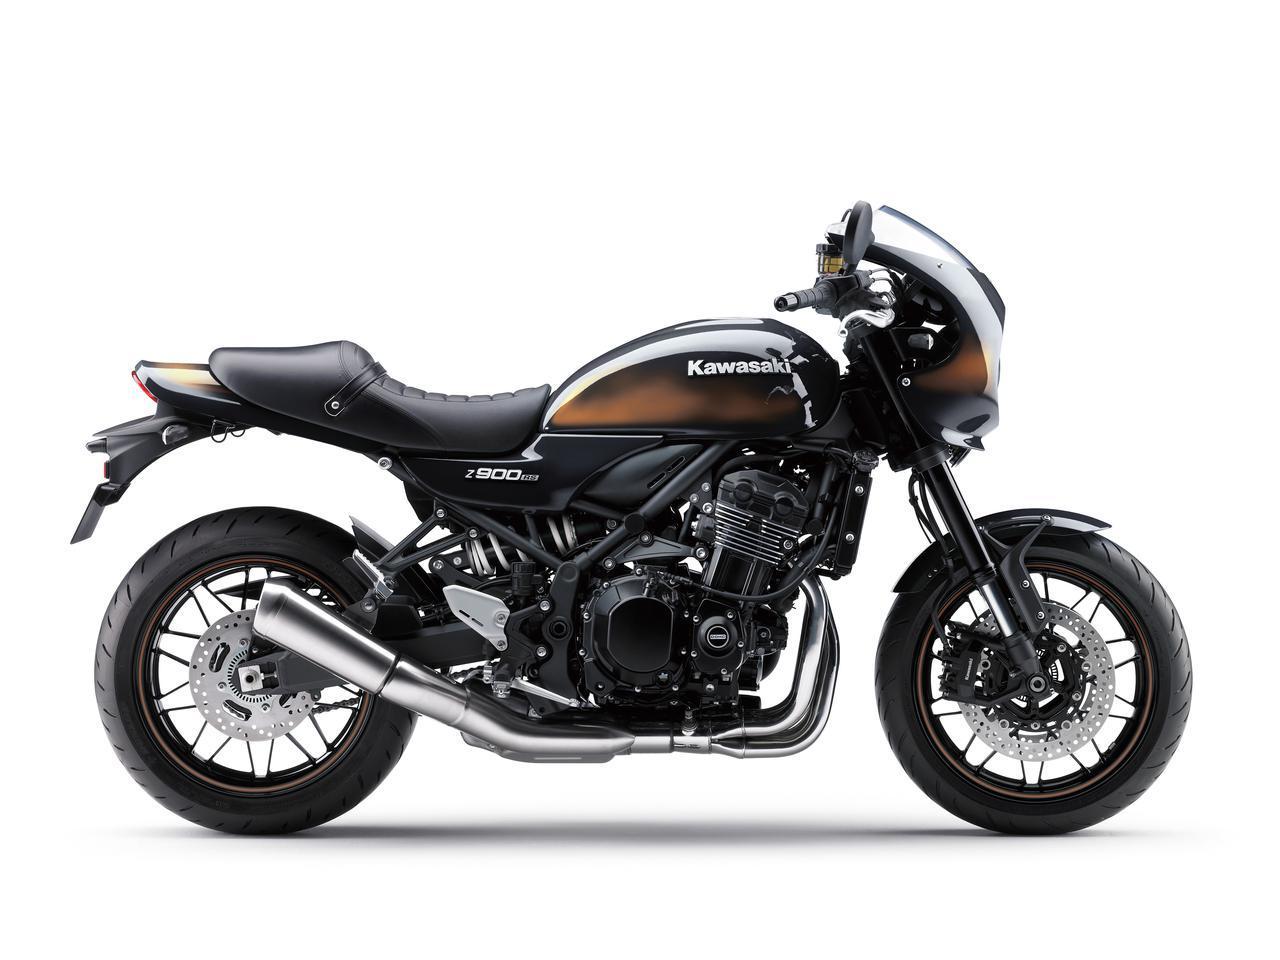 画像8: カワサキが「Z900RS CAFE」の新色を発売! Z900RSシリーズの2021年モデルと2020年モデルを比較してみよう【2021速報】